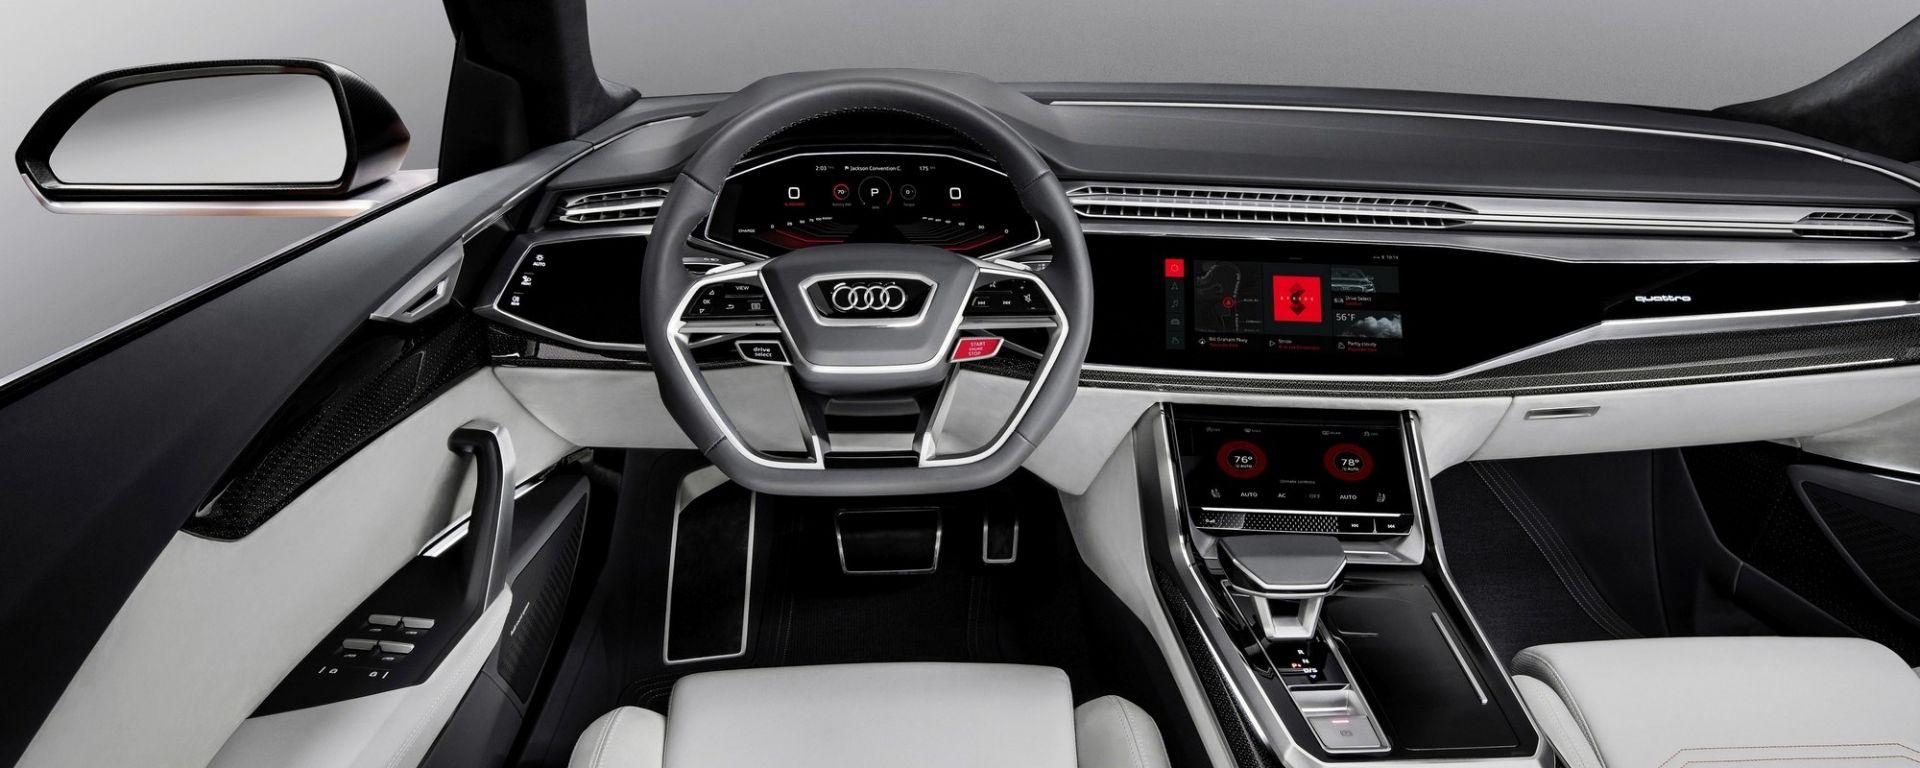 Tecnologia Audi Q8 Gli Interni Avranno Un Infotainment